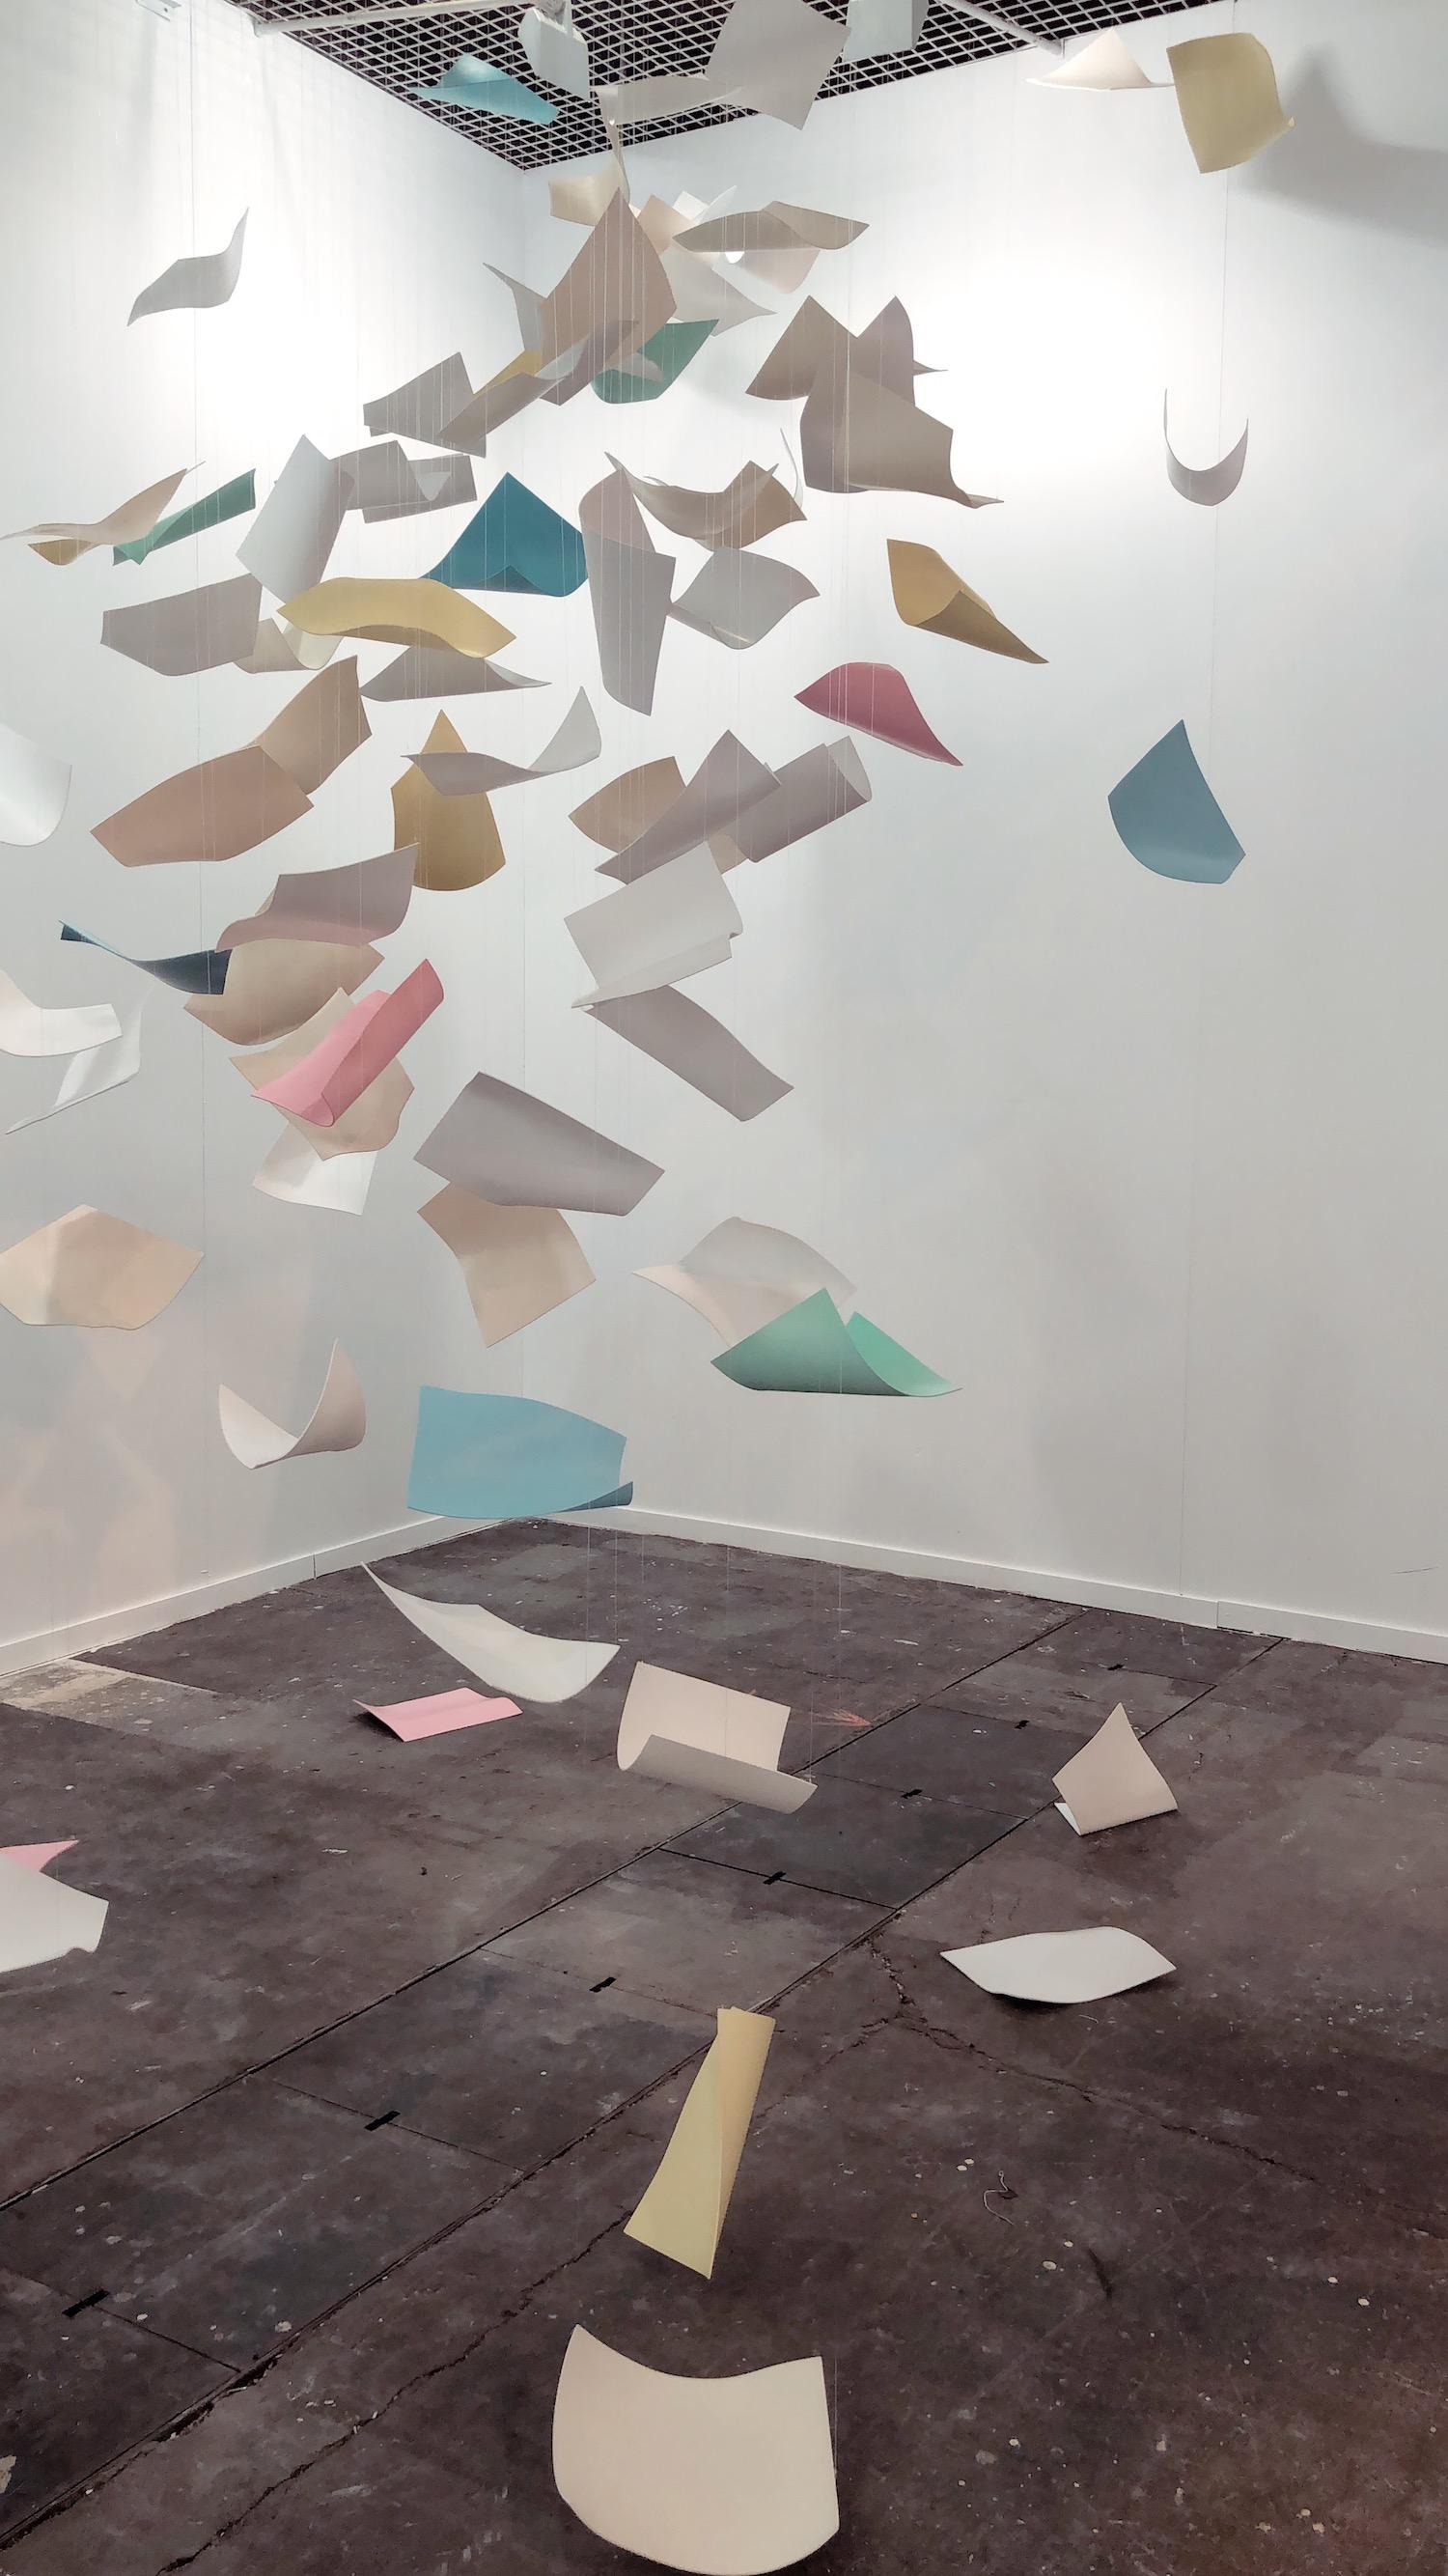 Otto Berchem / Amalia Pica